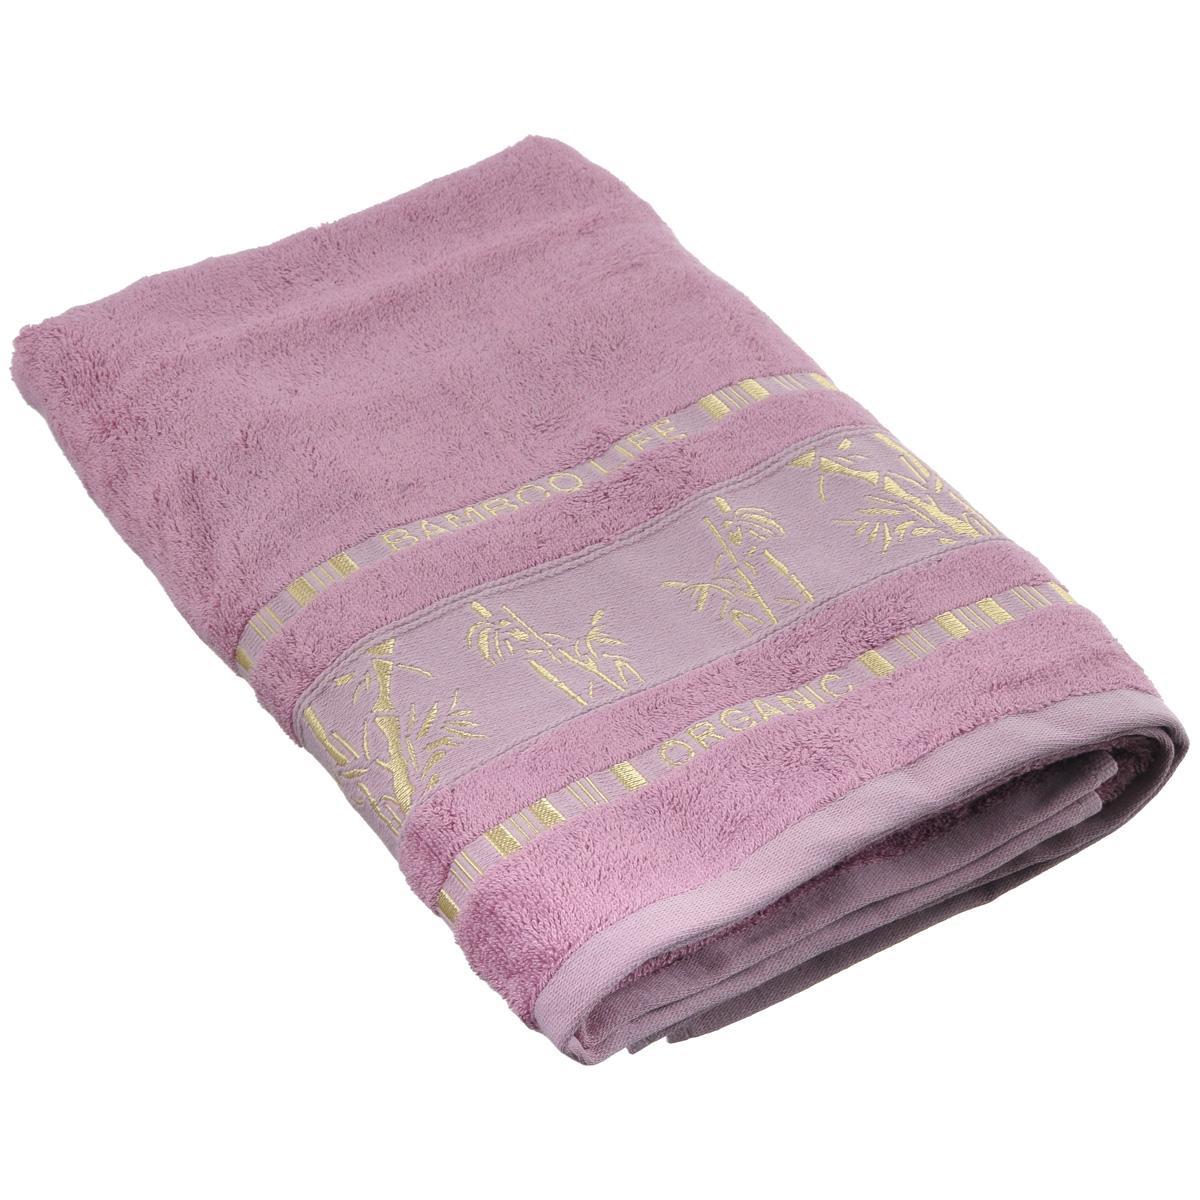 Полотенце Mariposa Bamboo, цвет: темно-розовый, 70 см х 140 см50850Полотенце Mariposa Bamboo, изготовленное из 60% бамбука и 40% хлопка, подарит массу положительных эмоций и приятных ощущений. Полотенца из бамбука только издали похожи на обычные. На самом деле, при первом же прикосновении вы ощутите невероятную мягкость и шелковистость. Таким полотенцем не нужно вытираться - только коснитесь кожи - и ткань сама все впитает! Несмотря на богатую плотность и высокую петлю полотенца, оно быстро сохнет, остается легким даже при намокании. Полотенце оформлено изображением бамбука. Благородный тон создает уют и подчеркивает лучшие качества махровой ткани. Полотенце Mariposa Bamboo станет достойным выбором для вас и приятным подарком для ваших близких. Размер полотенца: 70 см х 140 см.